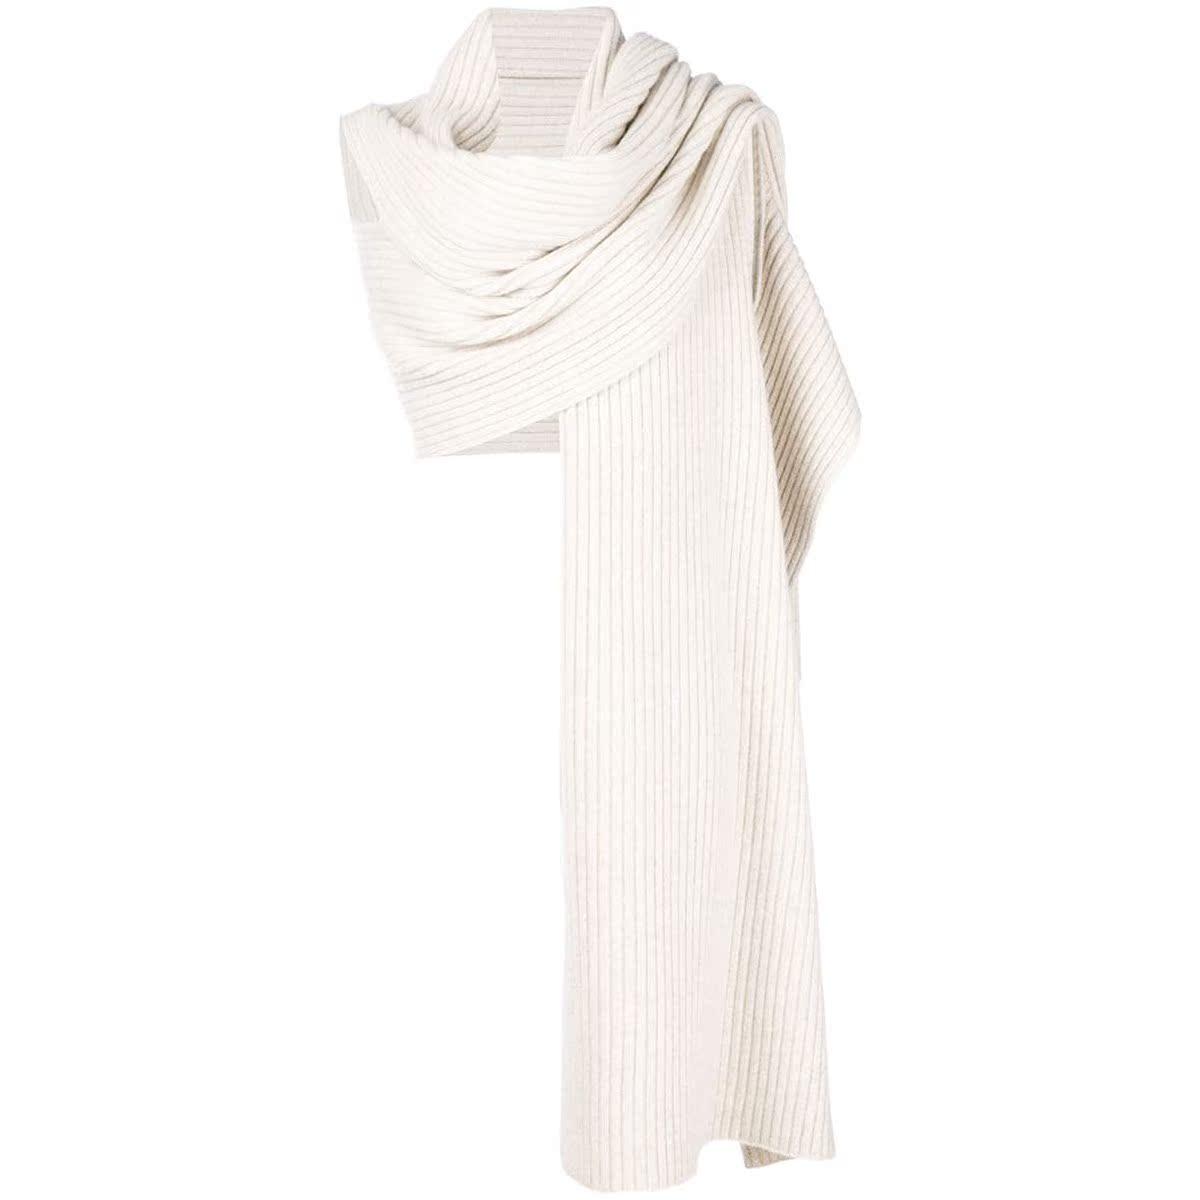 代购Pringle Of Scotland 罗纹裹身式围巾女2021新款奢侈品